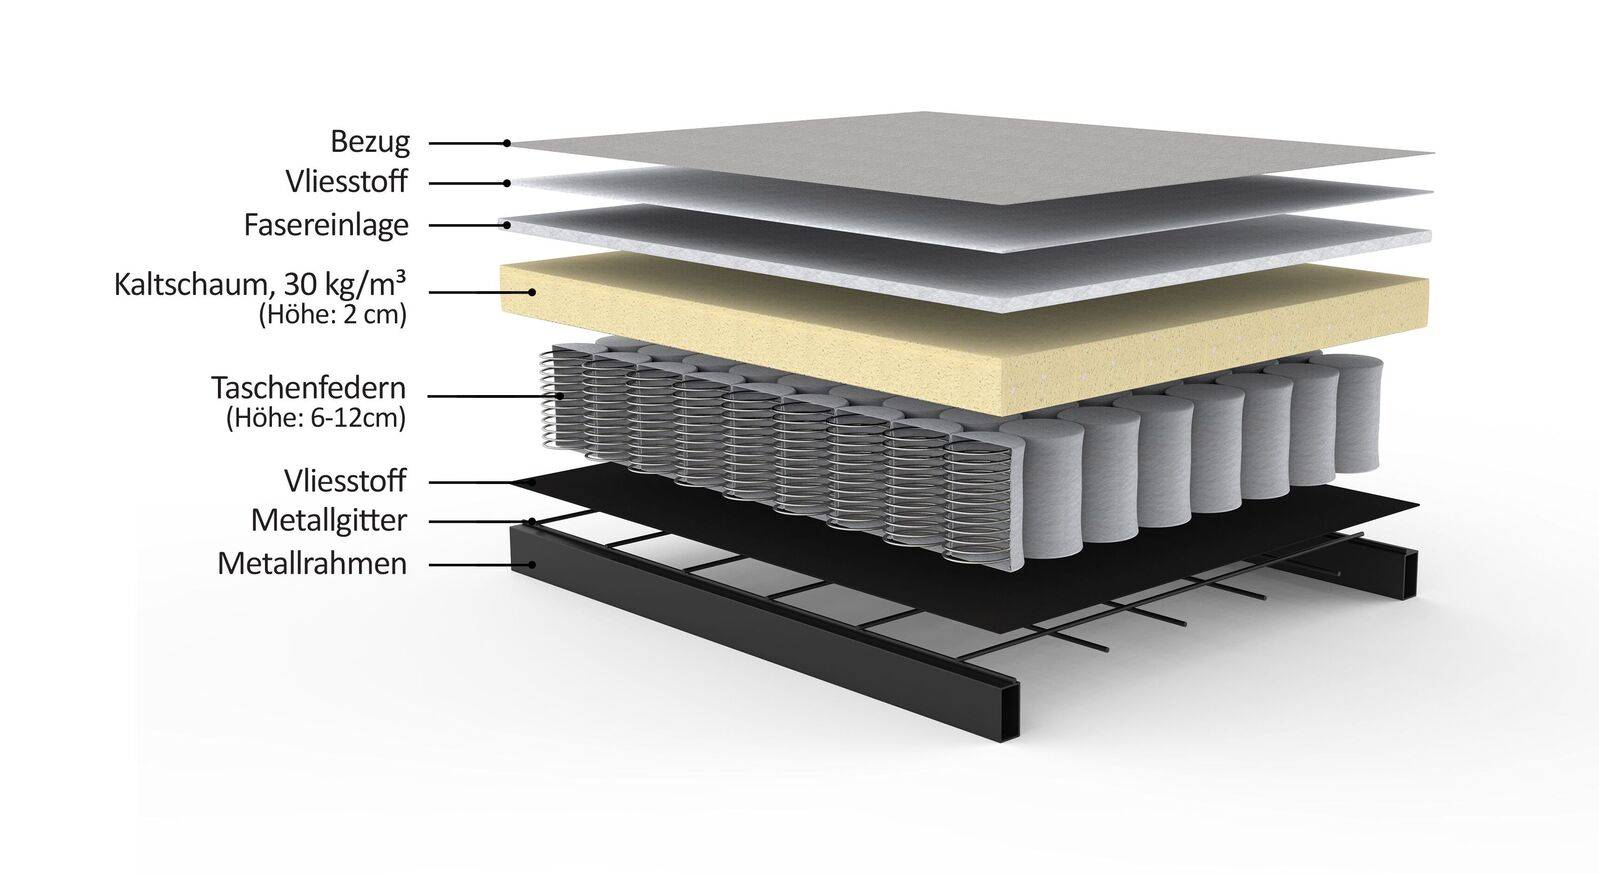 Grafik zum Matratzen-Querschnitt der Sofaliege Lizz